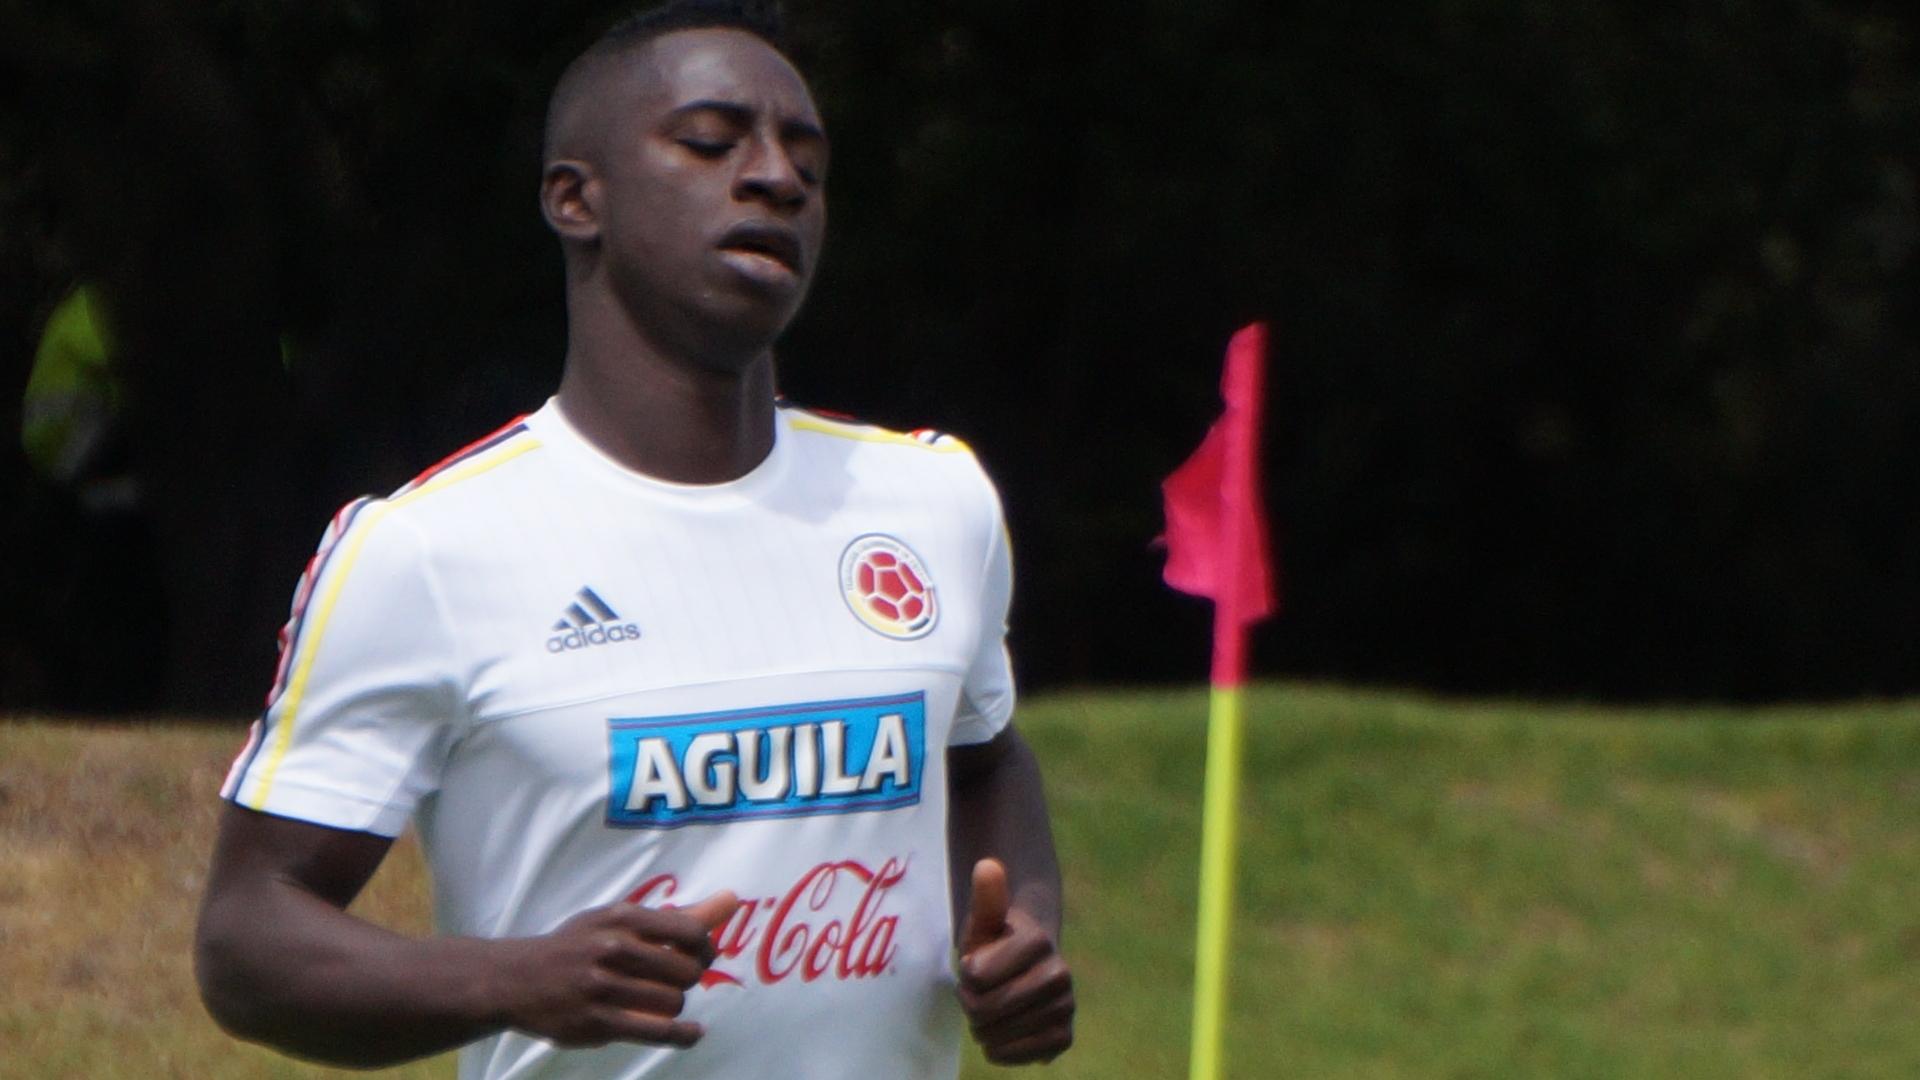 Deiver Machado Microciclo Selección Colombia 2016